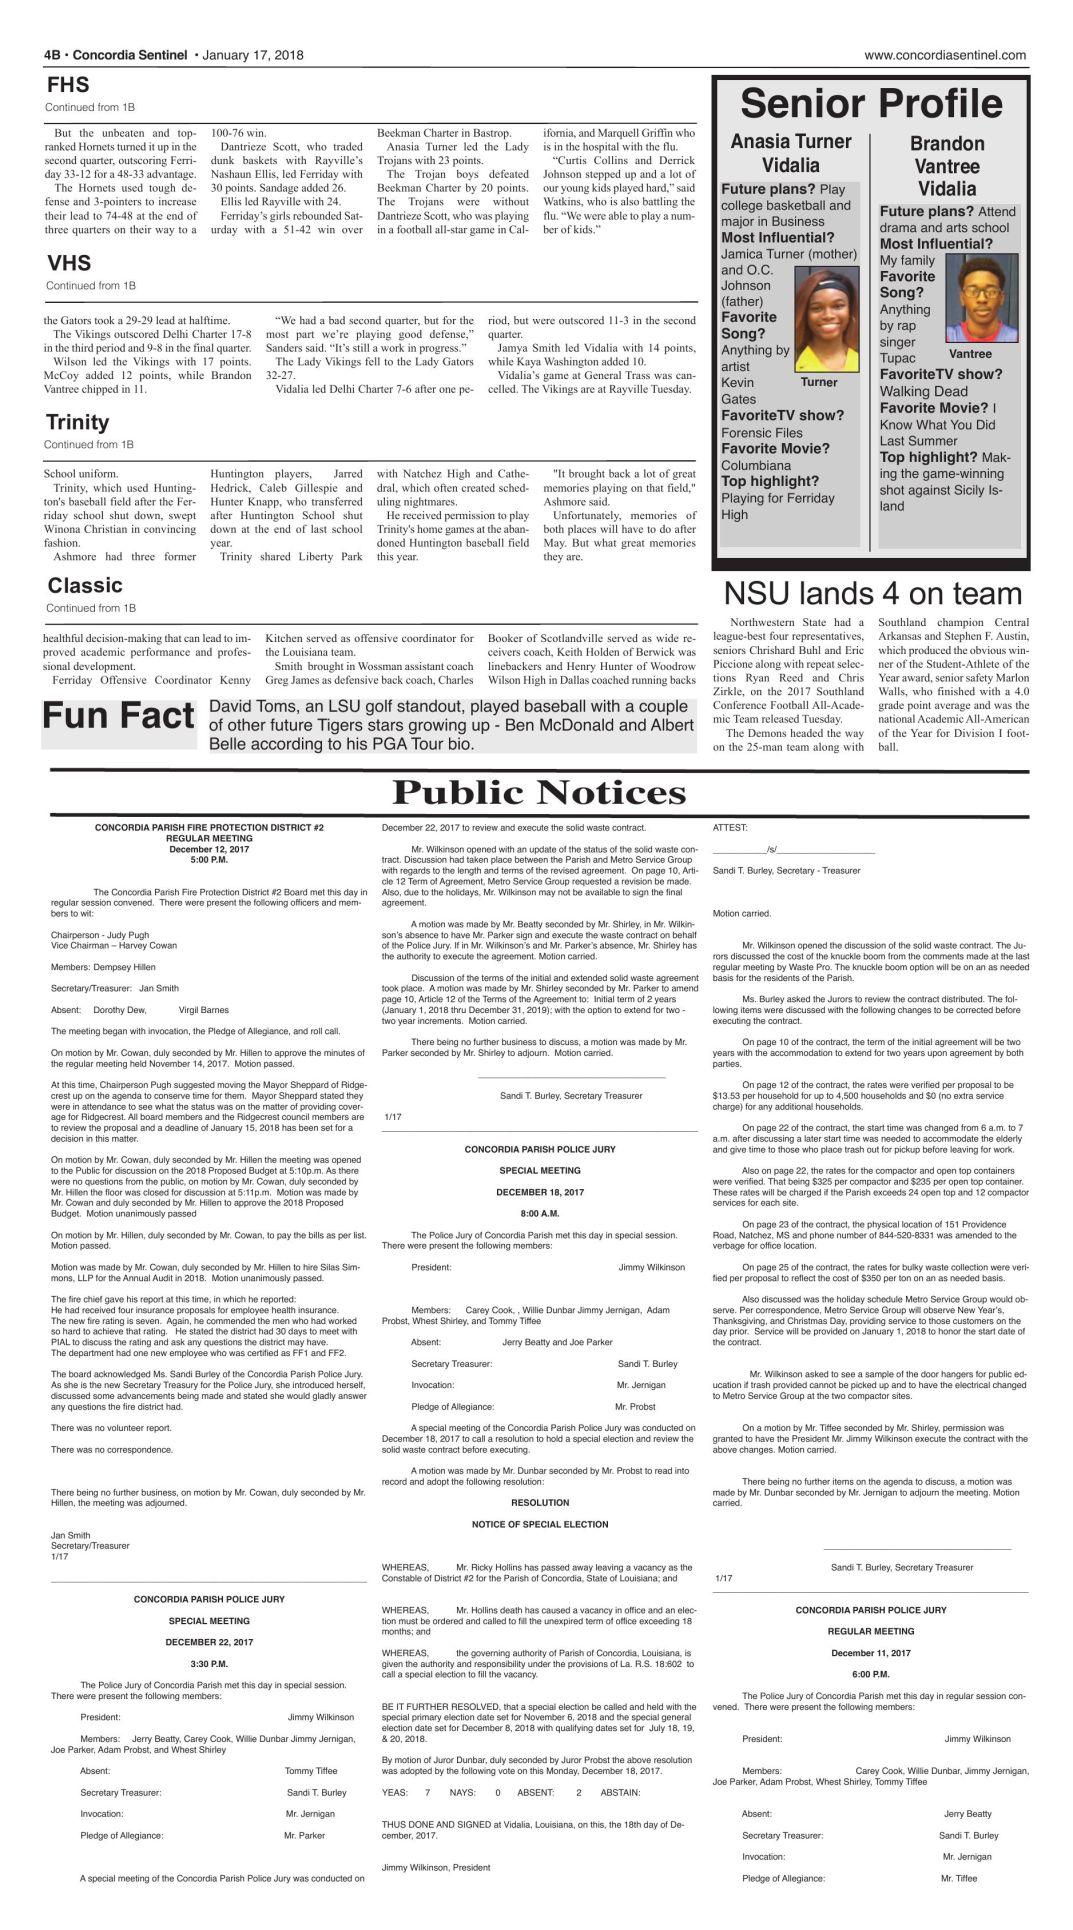 Public Notices - Jan. 17, 2018